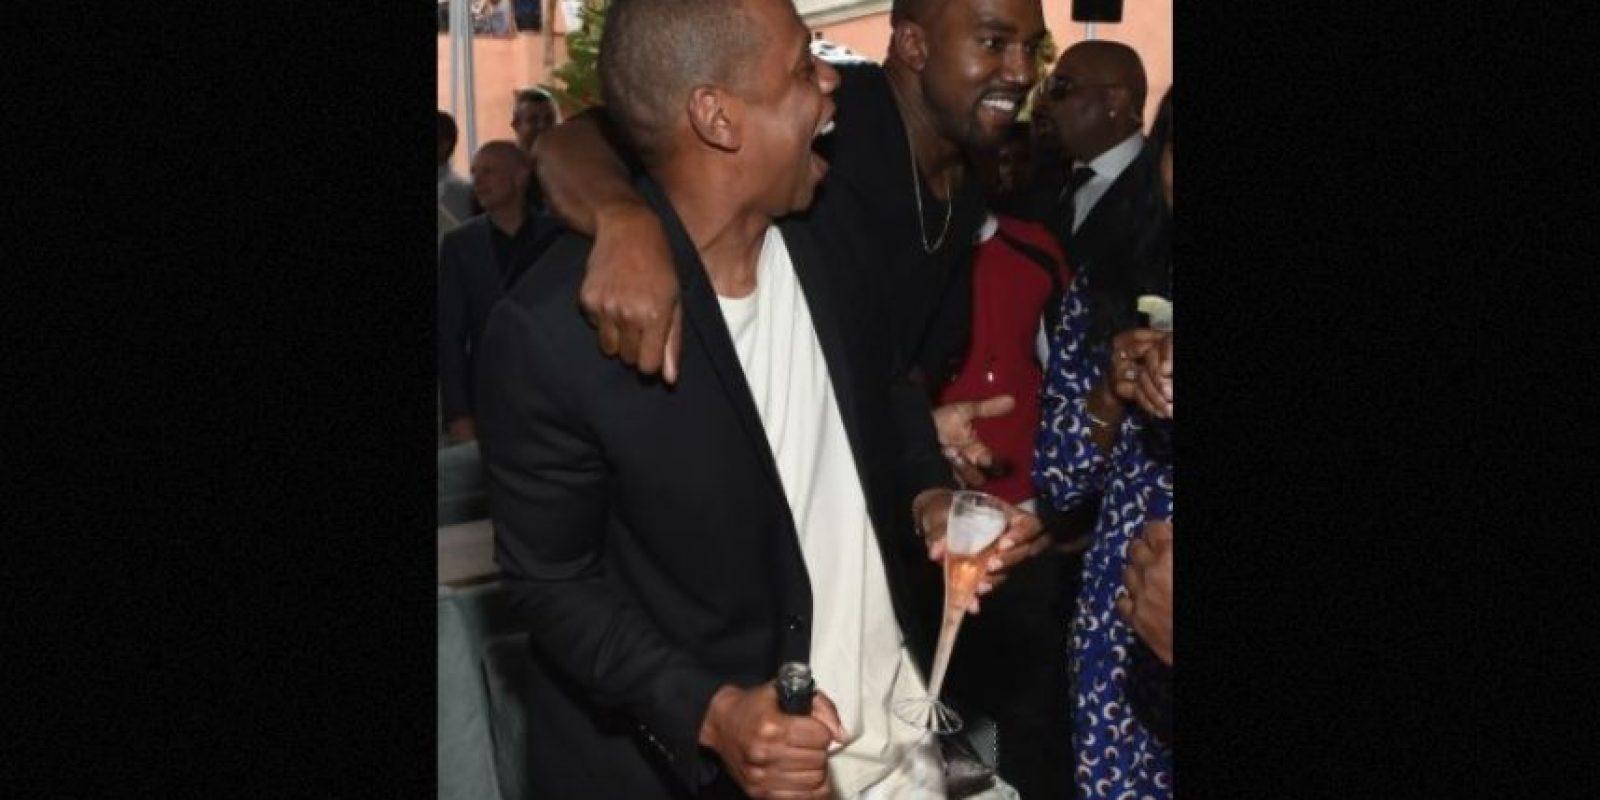 """""""Cuando ves pinturas en un castillo la gente no está sonriendo porque no se verían tan interesantes"""", explicó Kanye en el evento """"Daily Front Row Fashion Awards. Foto:Getty Images"""